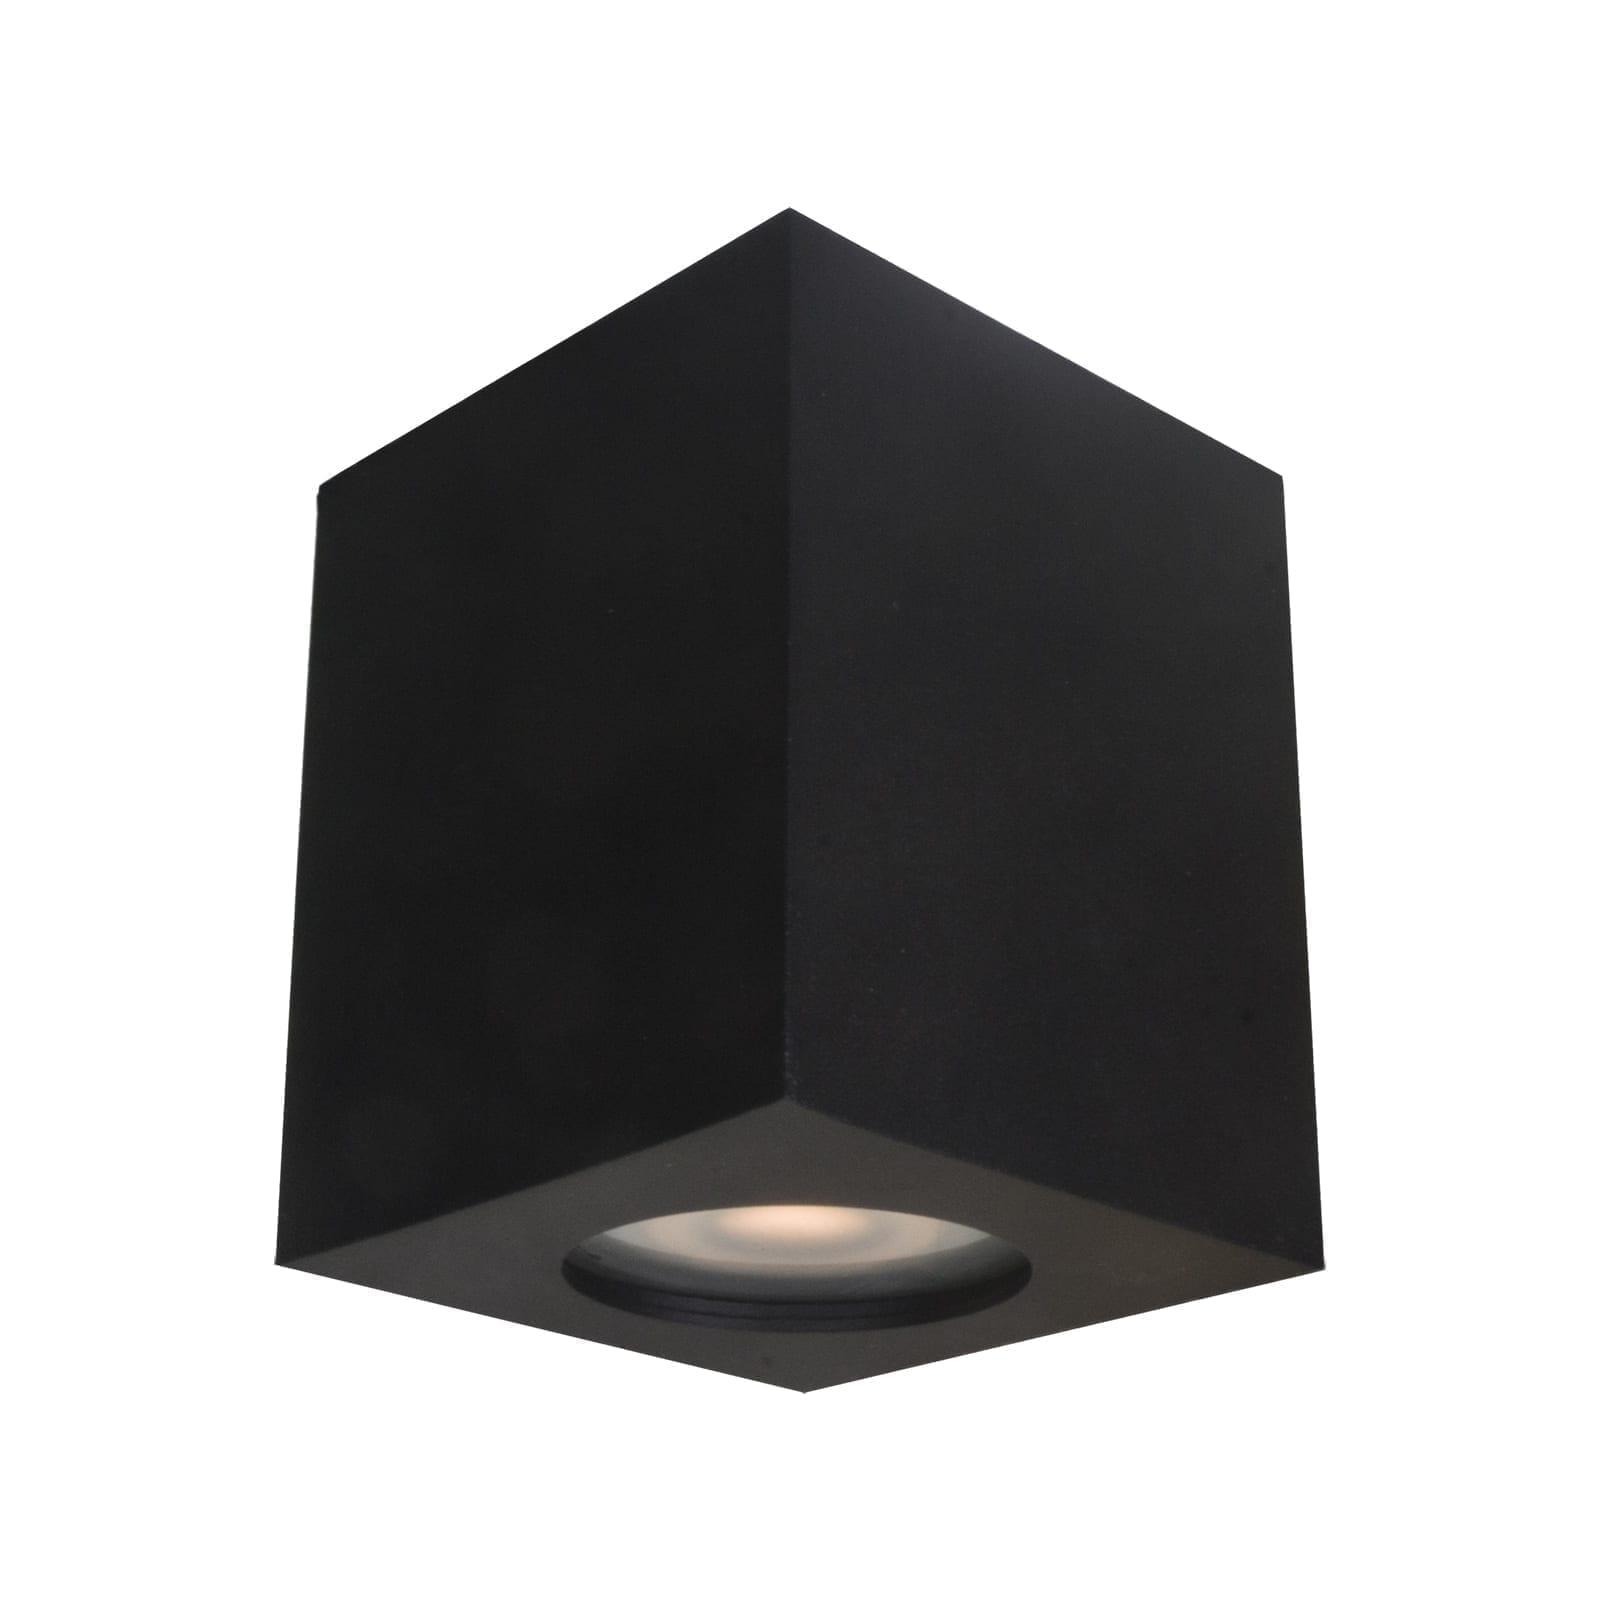 Lubinis kryptinis šviestuvas Fabrycio bk